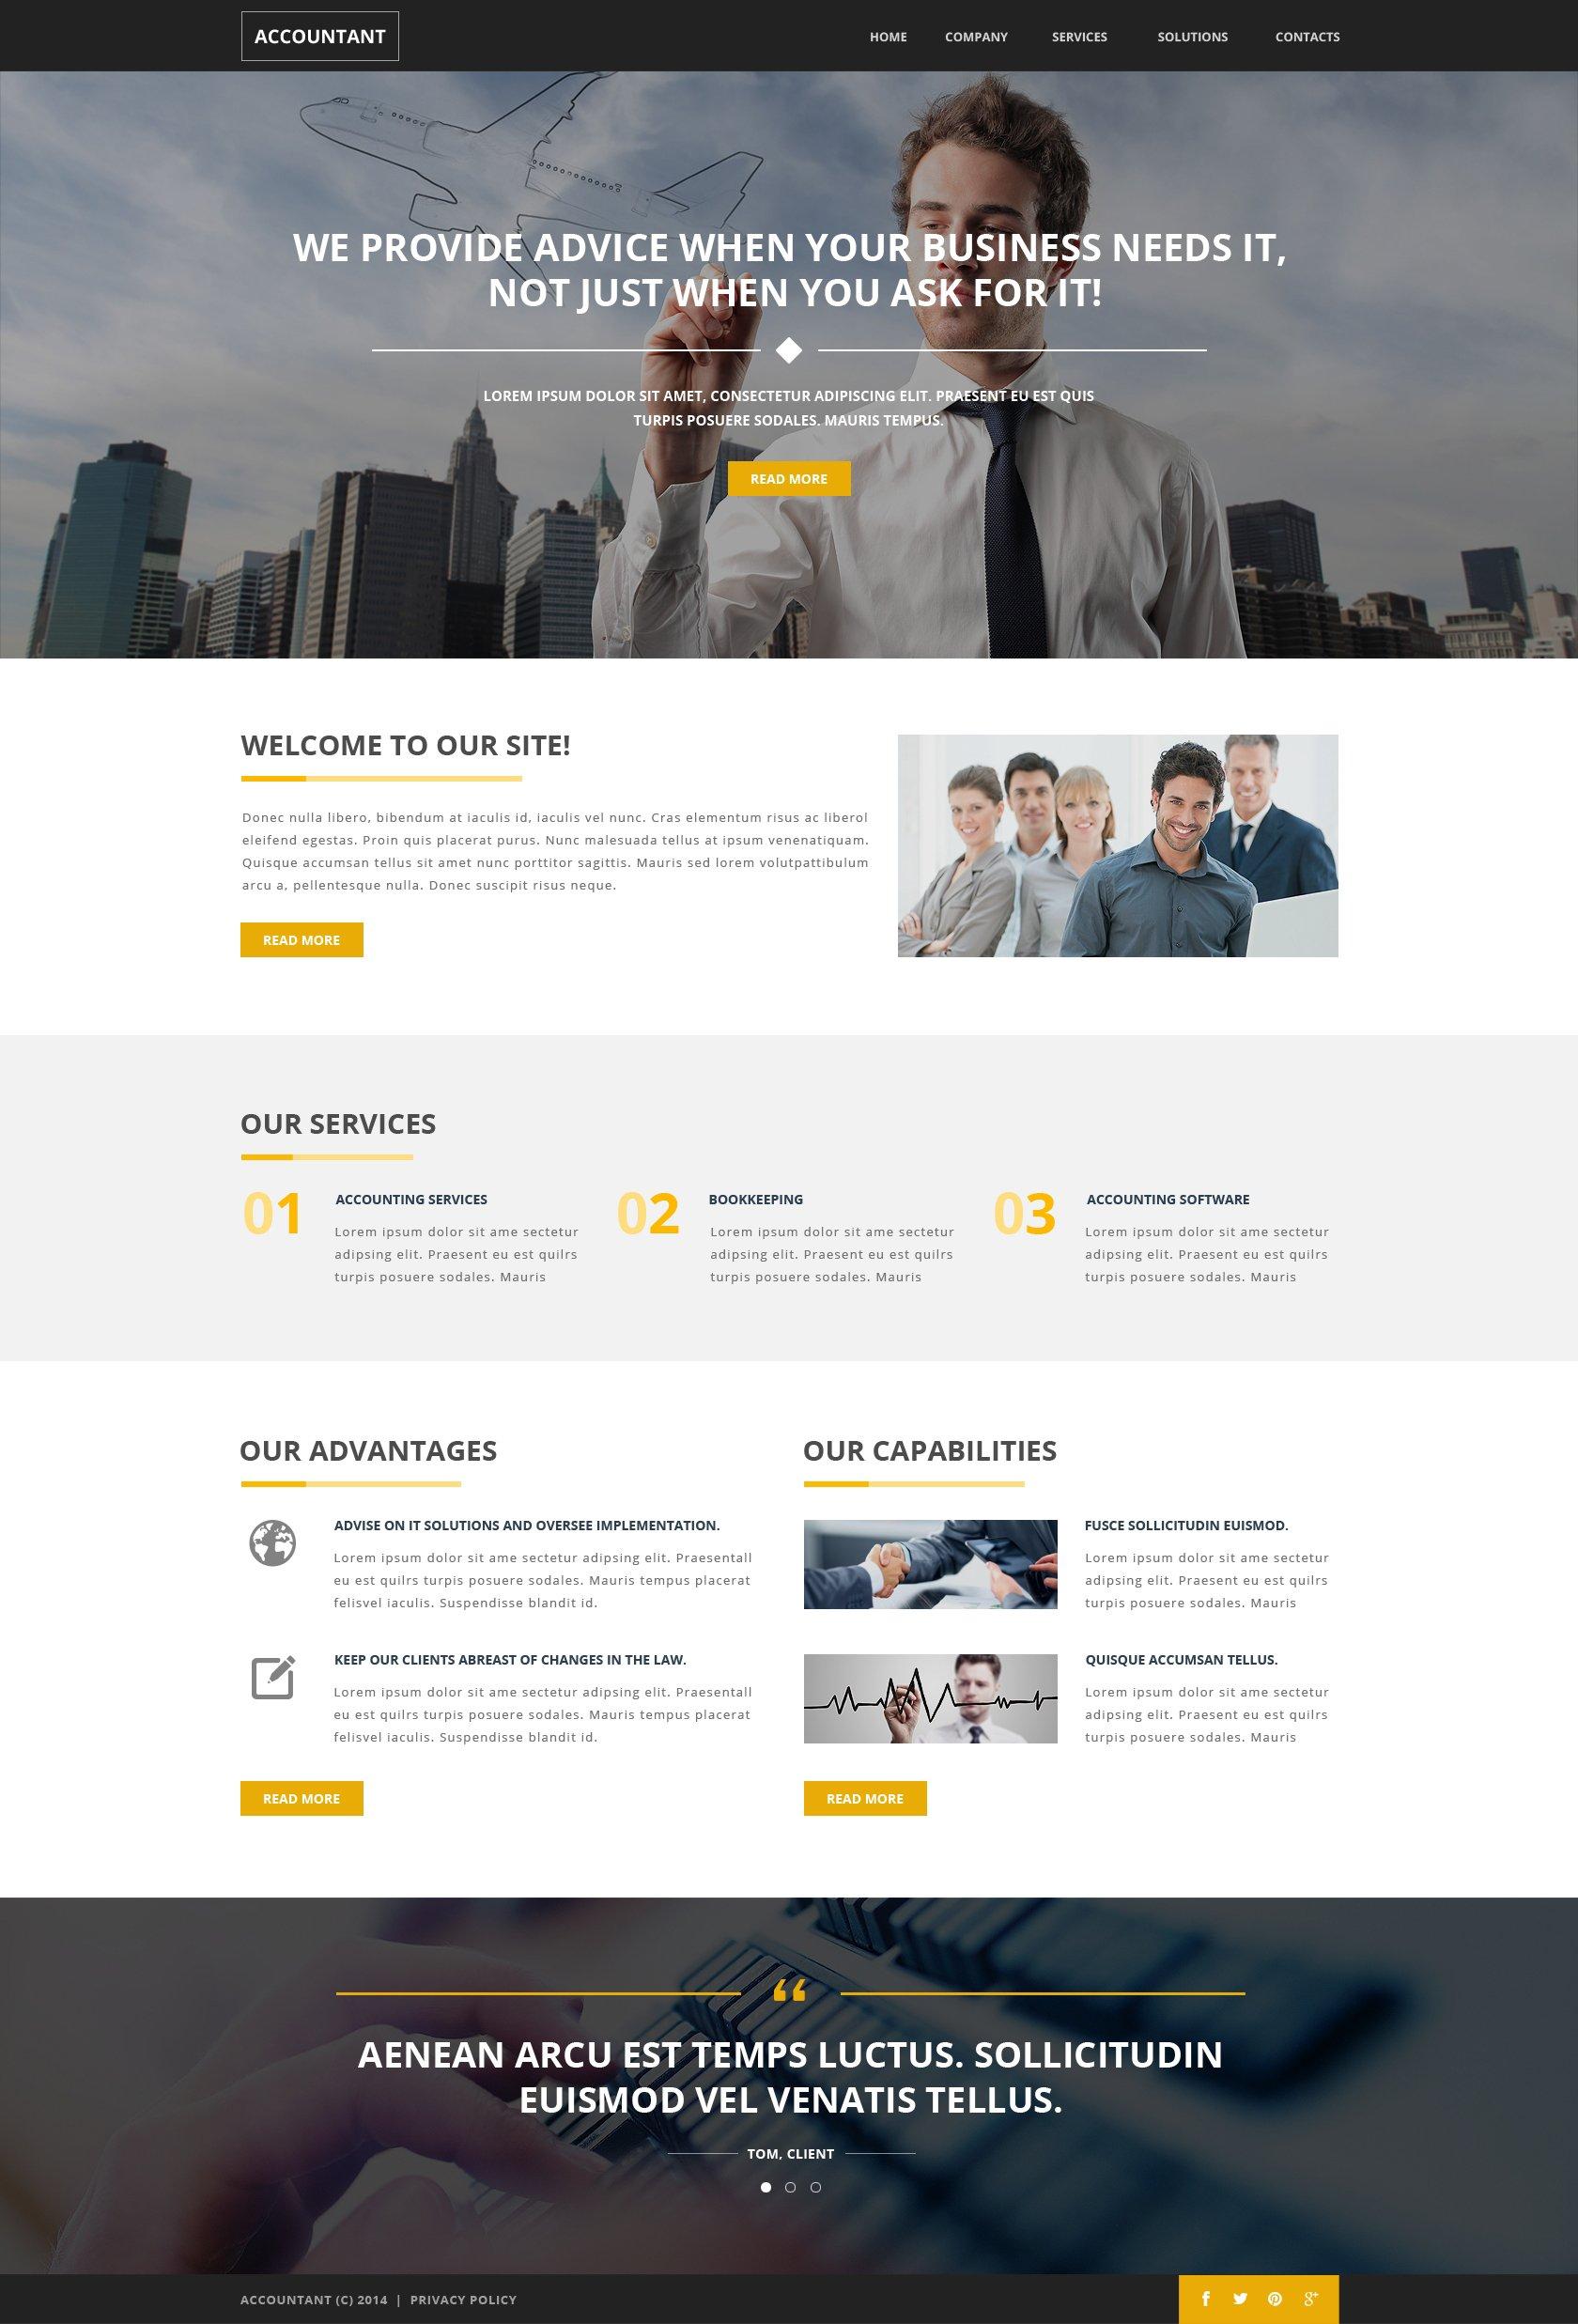 Modèle Web adaptatif pour sites de comptabilité #51137 - screenshot